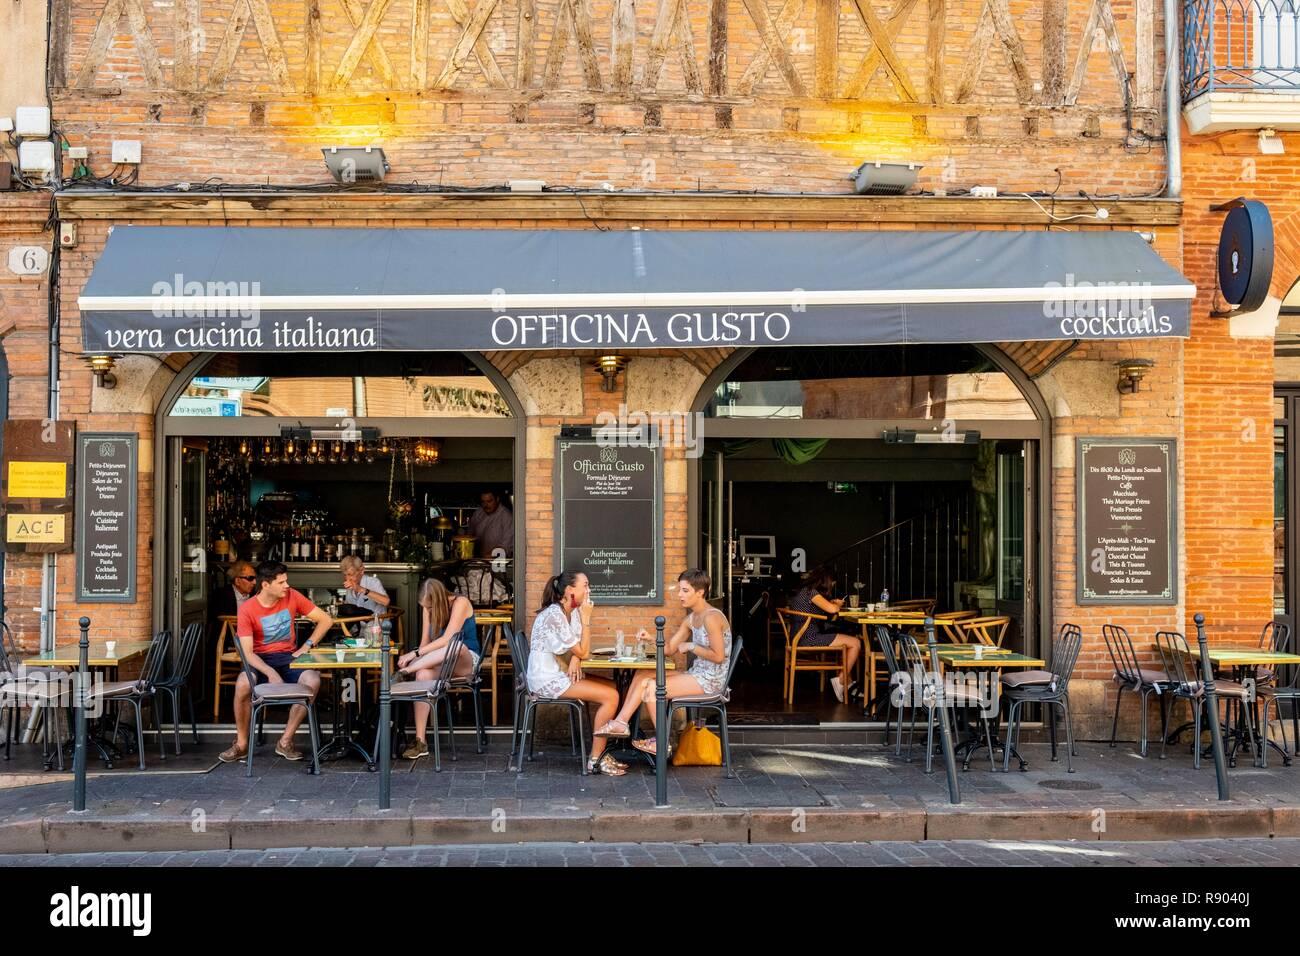 Frankreich, Haute Garonne, Toulouse, Italienisches Restaurant Officina Gusto Stockbild